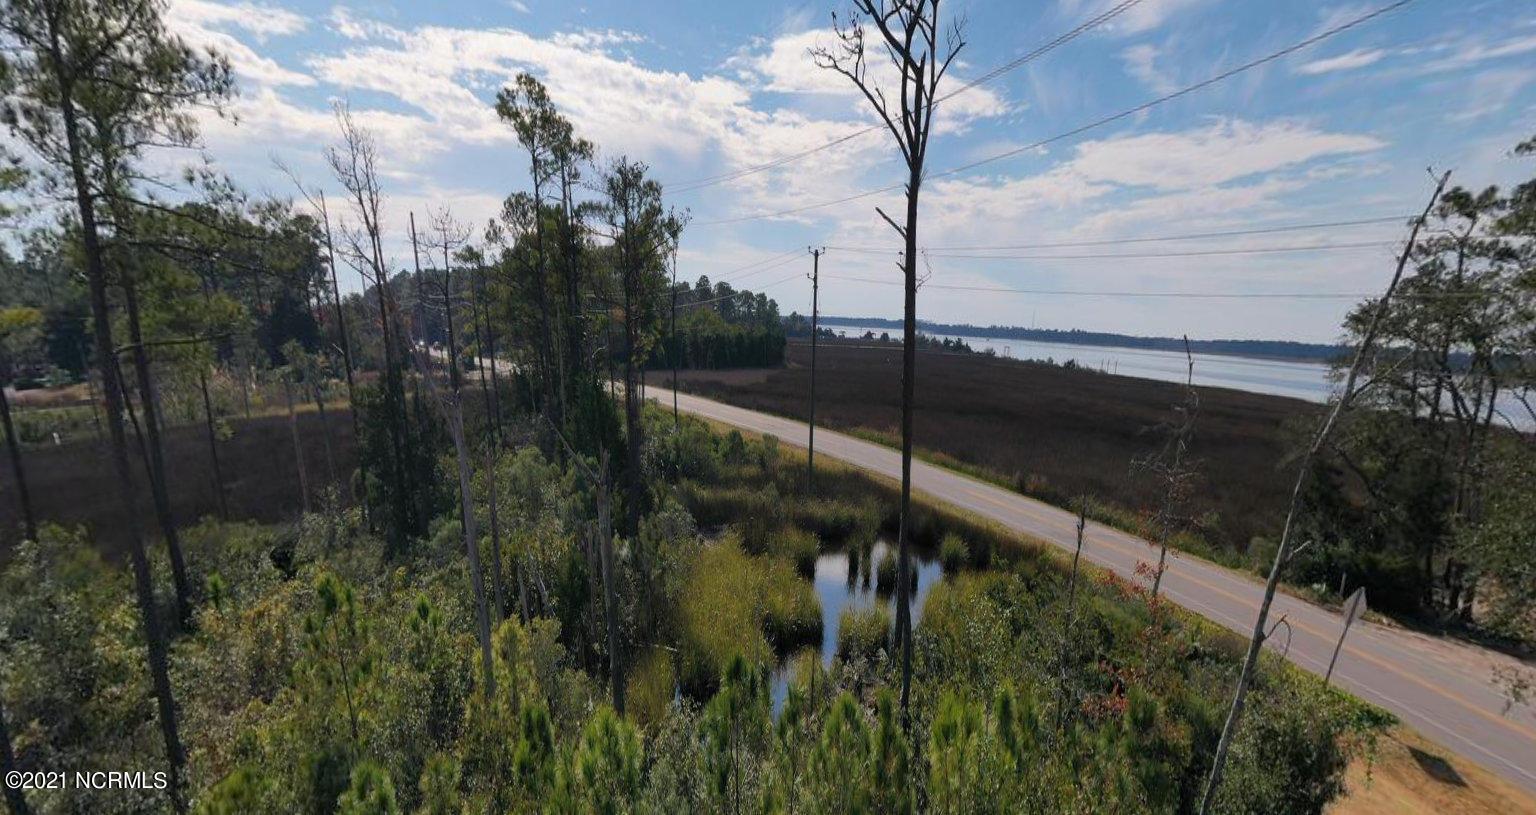 108 Mistiflower Court, Wilmington, North Carolina 28412, ,Residential land,For sale,Mistiflower,100262422